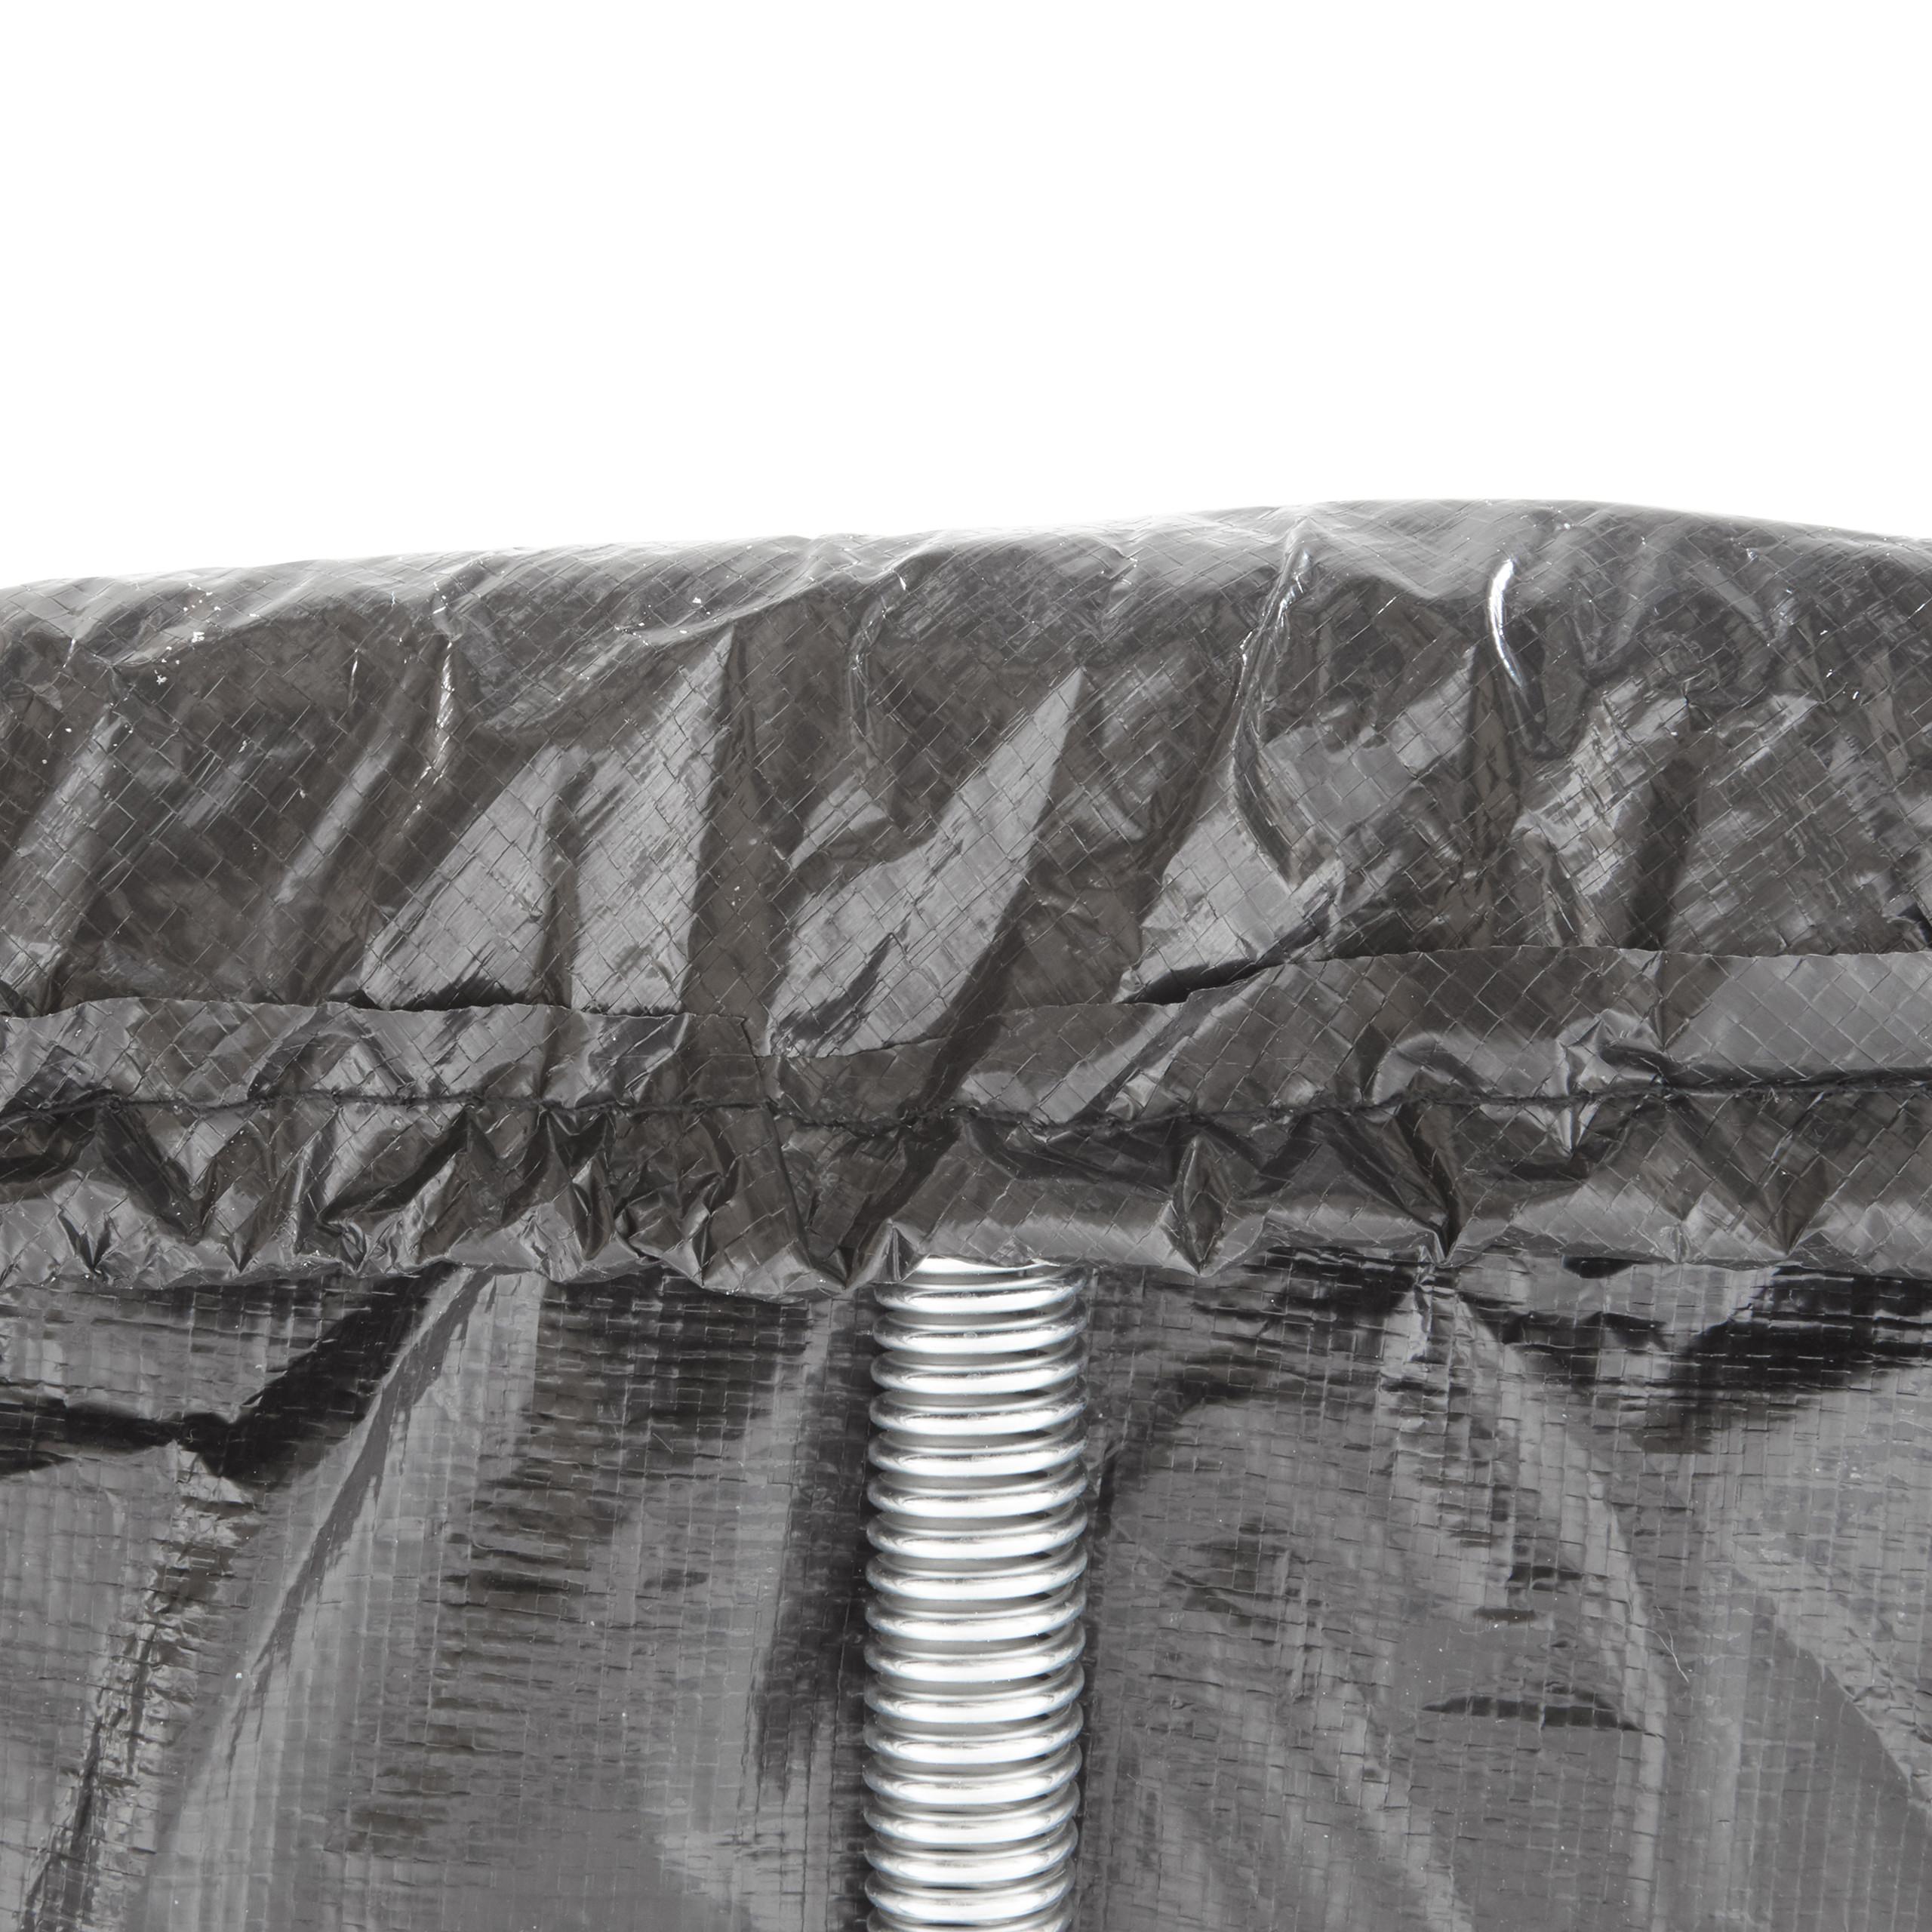 Housse-de-Protection-pour-Trampoline-Bache-pluie-vent-jardin-intemperies miniature 29